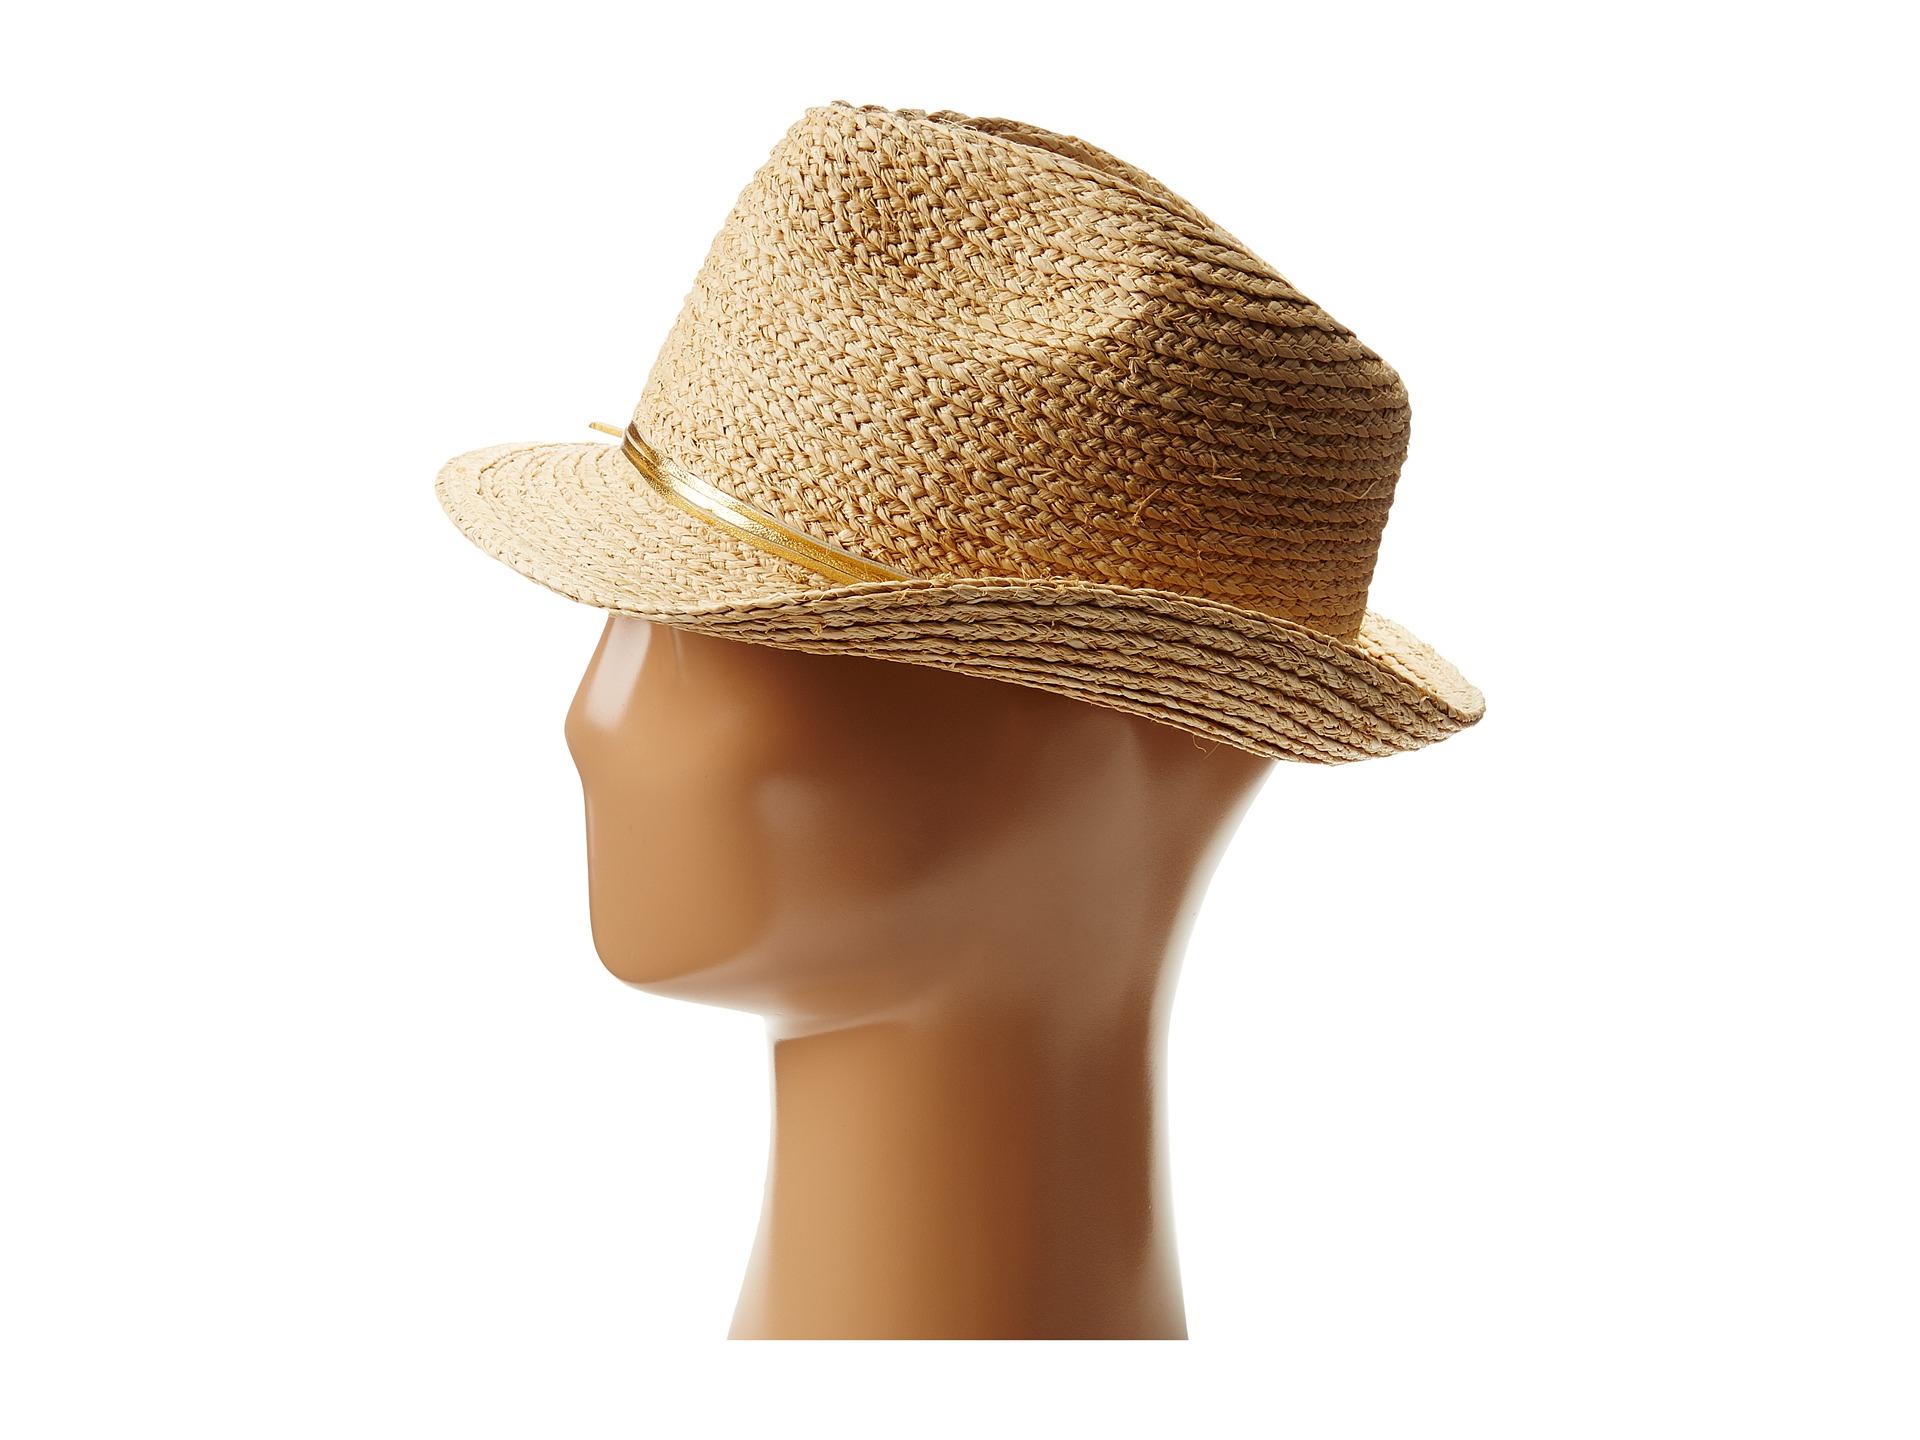 48c5914f255 Lyst - Hat Attack Metallic Raffia Braid Fedora W Skinny Leather Trim ...